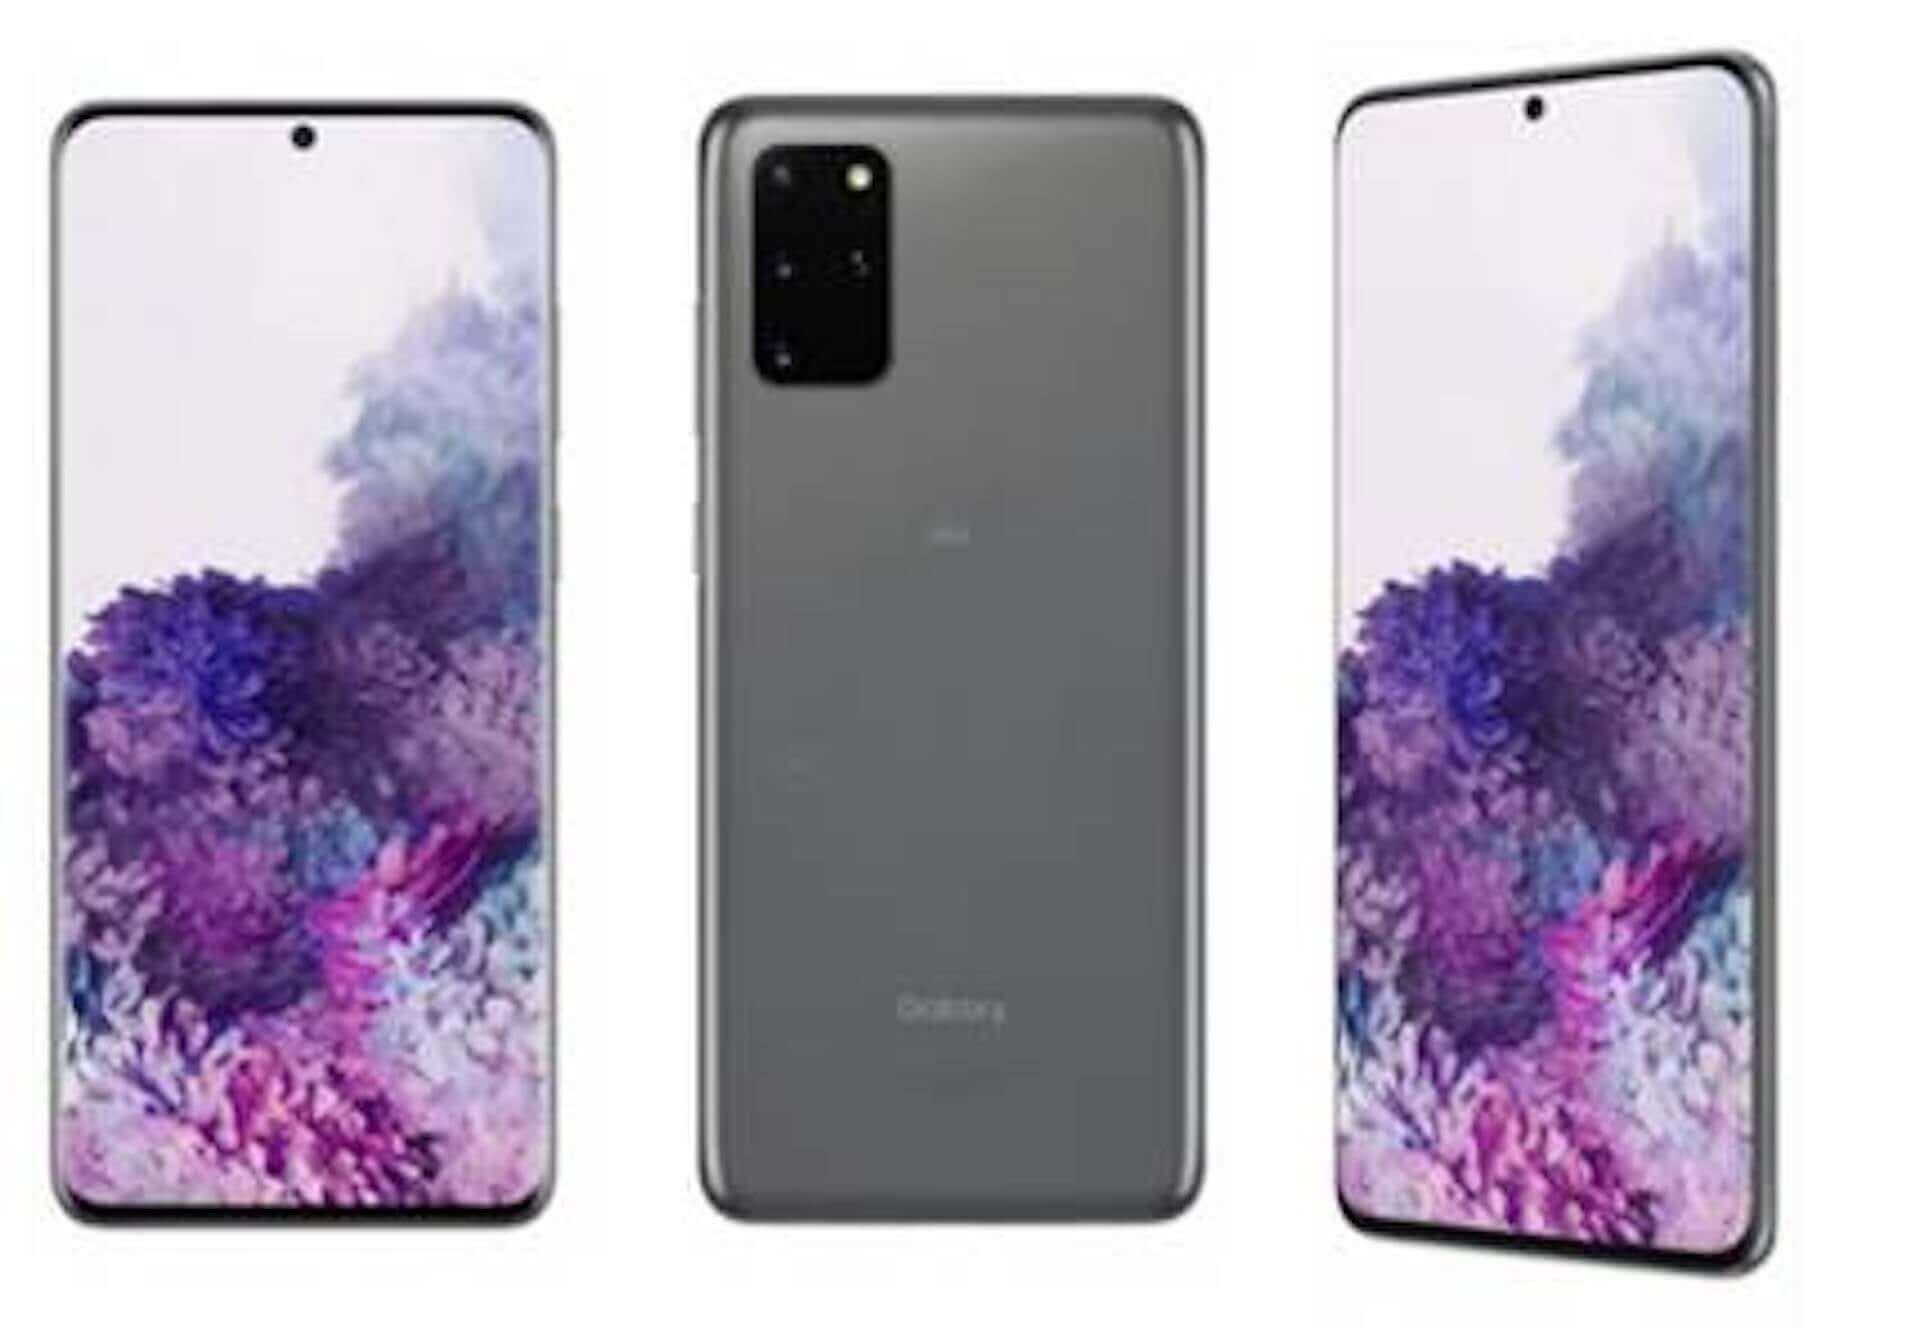 Samsungの5G対応スマホ『Galaxy S20+ 5G』がauから発売決定!ワイヤレスイヤホンが必ずもらえるキャンペーンも tech200526_galaxy_s20_1-1920x1328